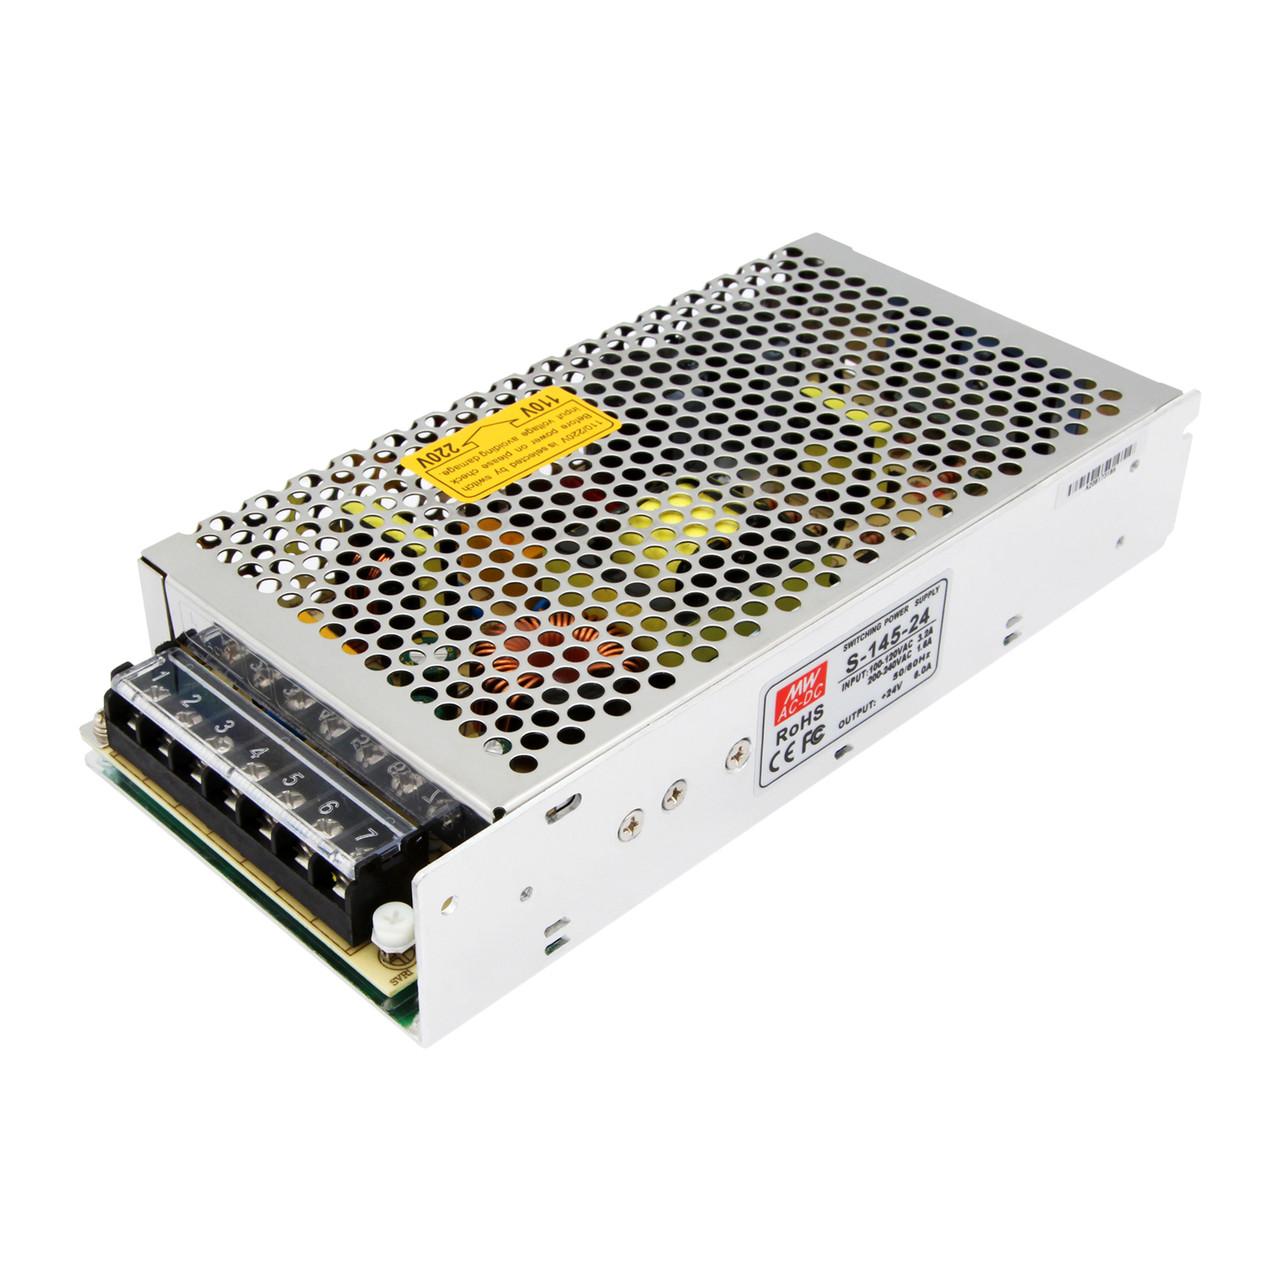 Импульсный блок питания S-145-24, 24V, 6A, 145W